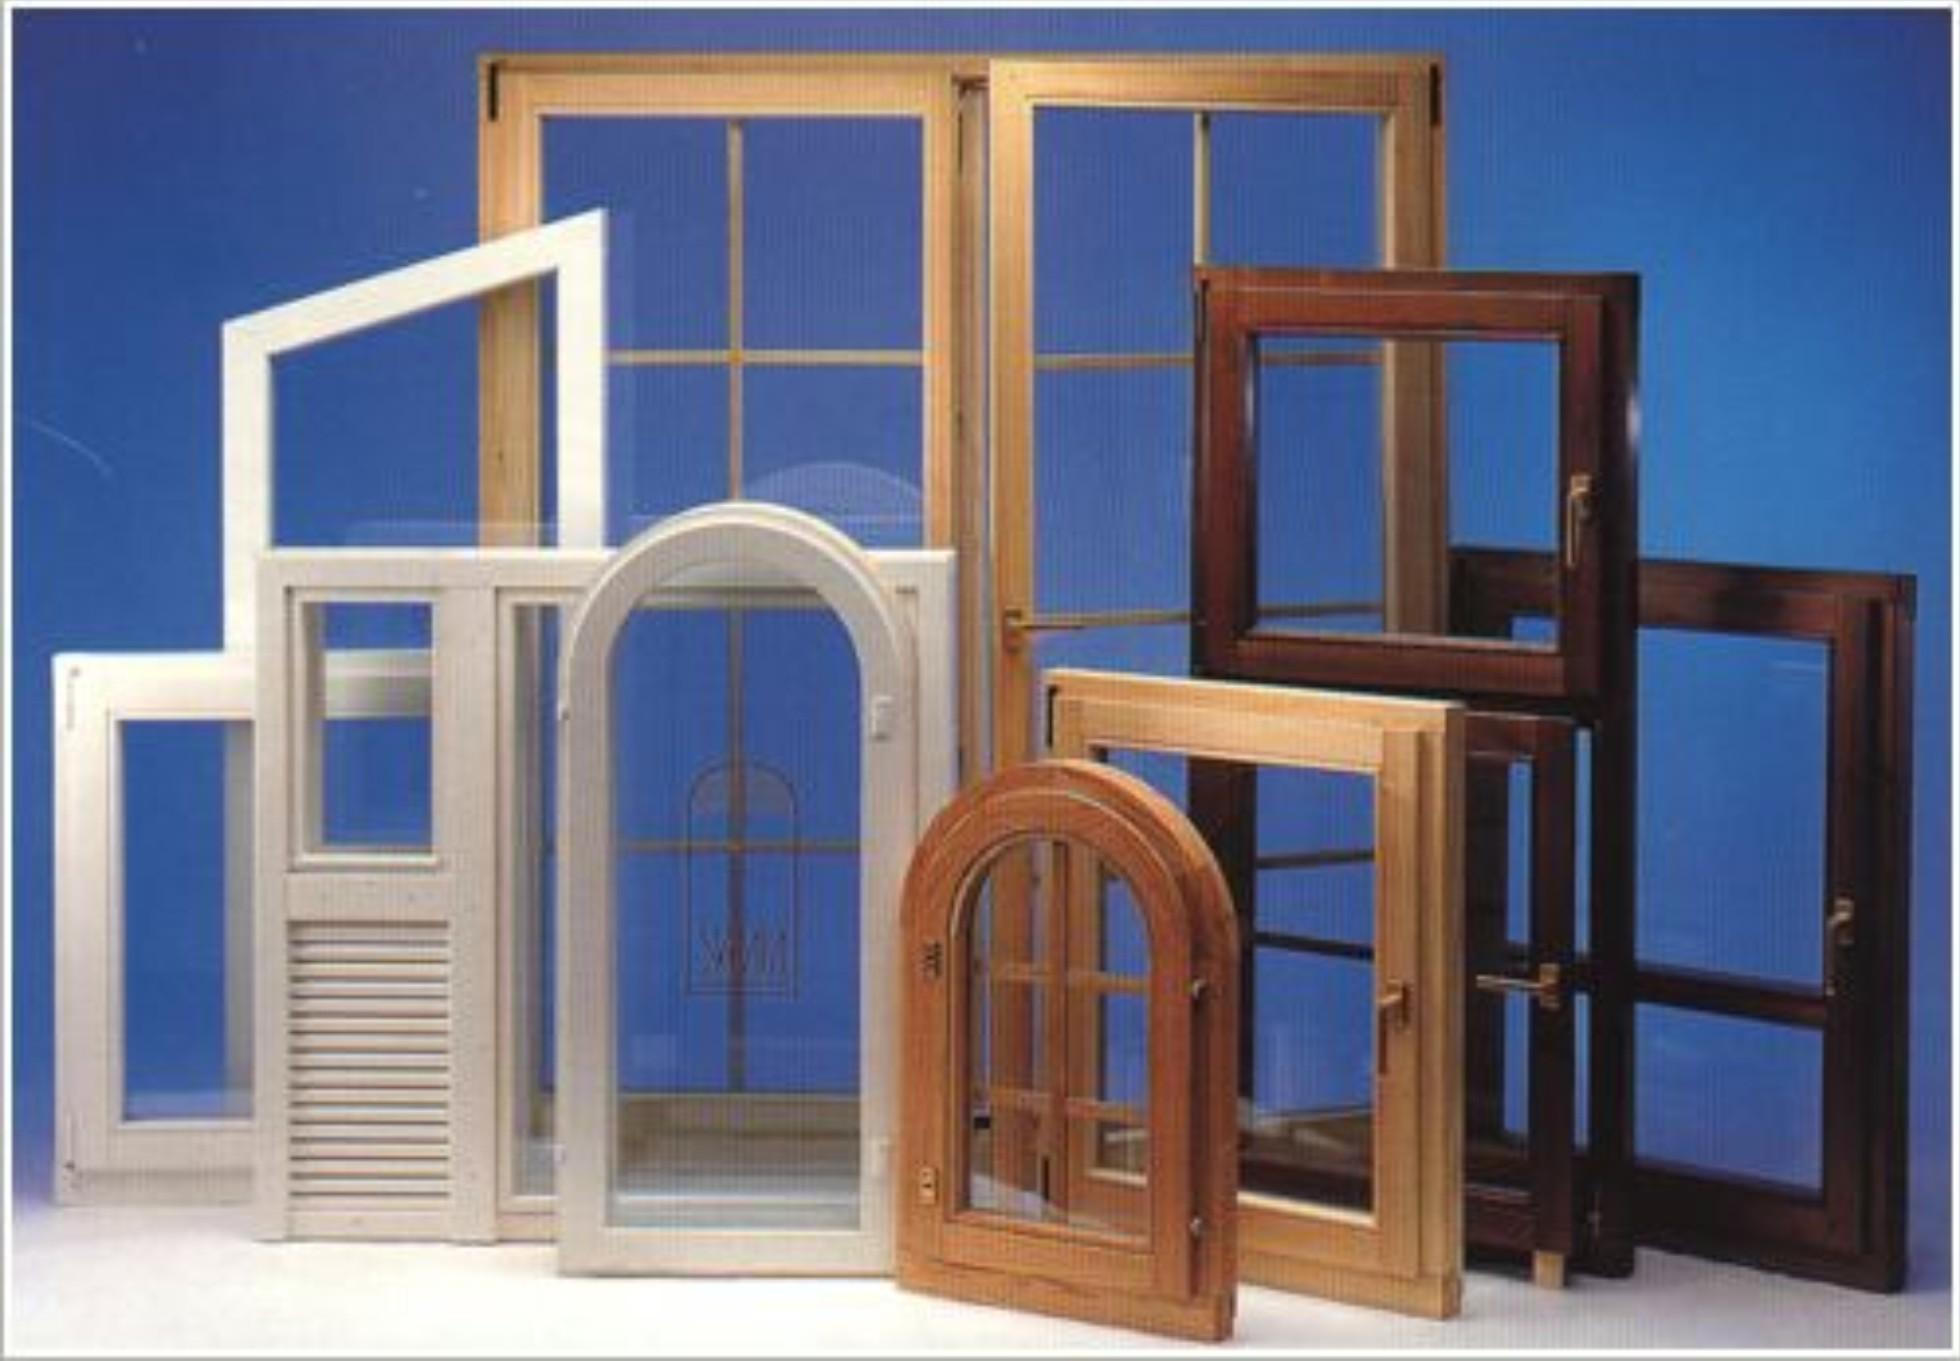 Разнообразие форм и расцветок позволит подобрать стеклопакет, гармонирующий с любым дизайном фасада и внутреннего интерьера